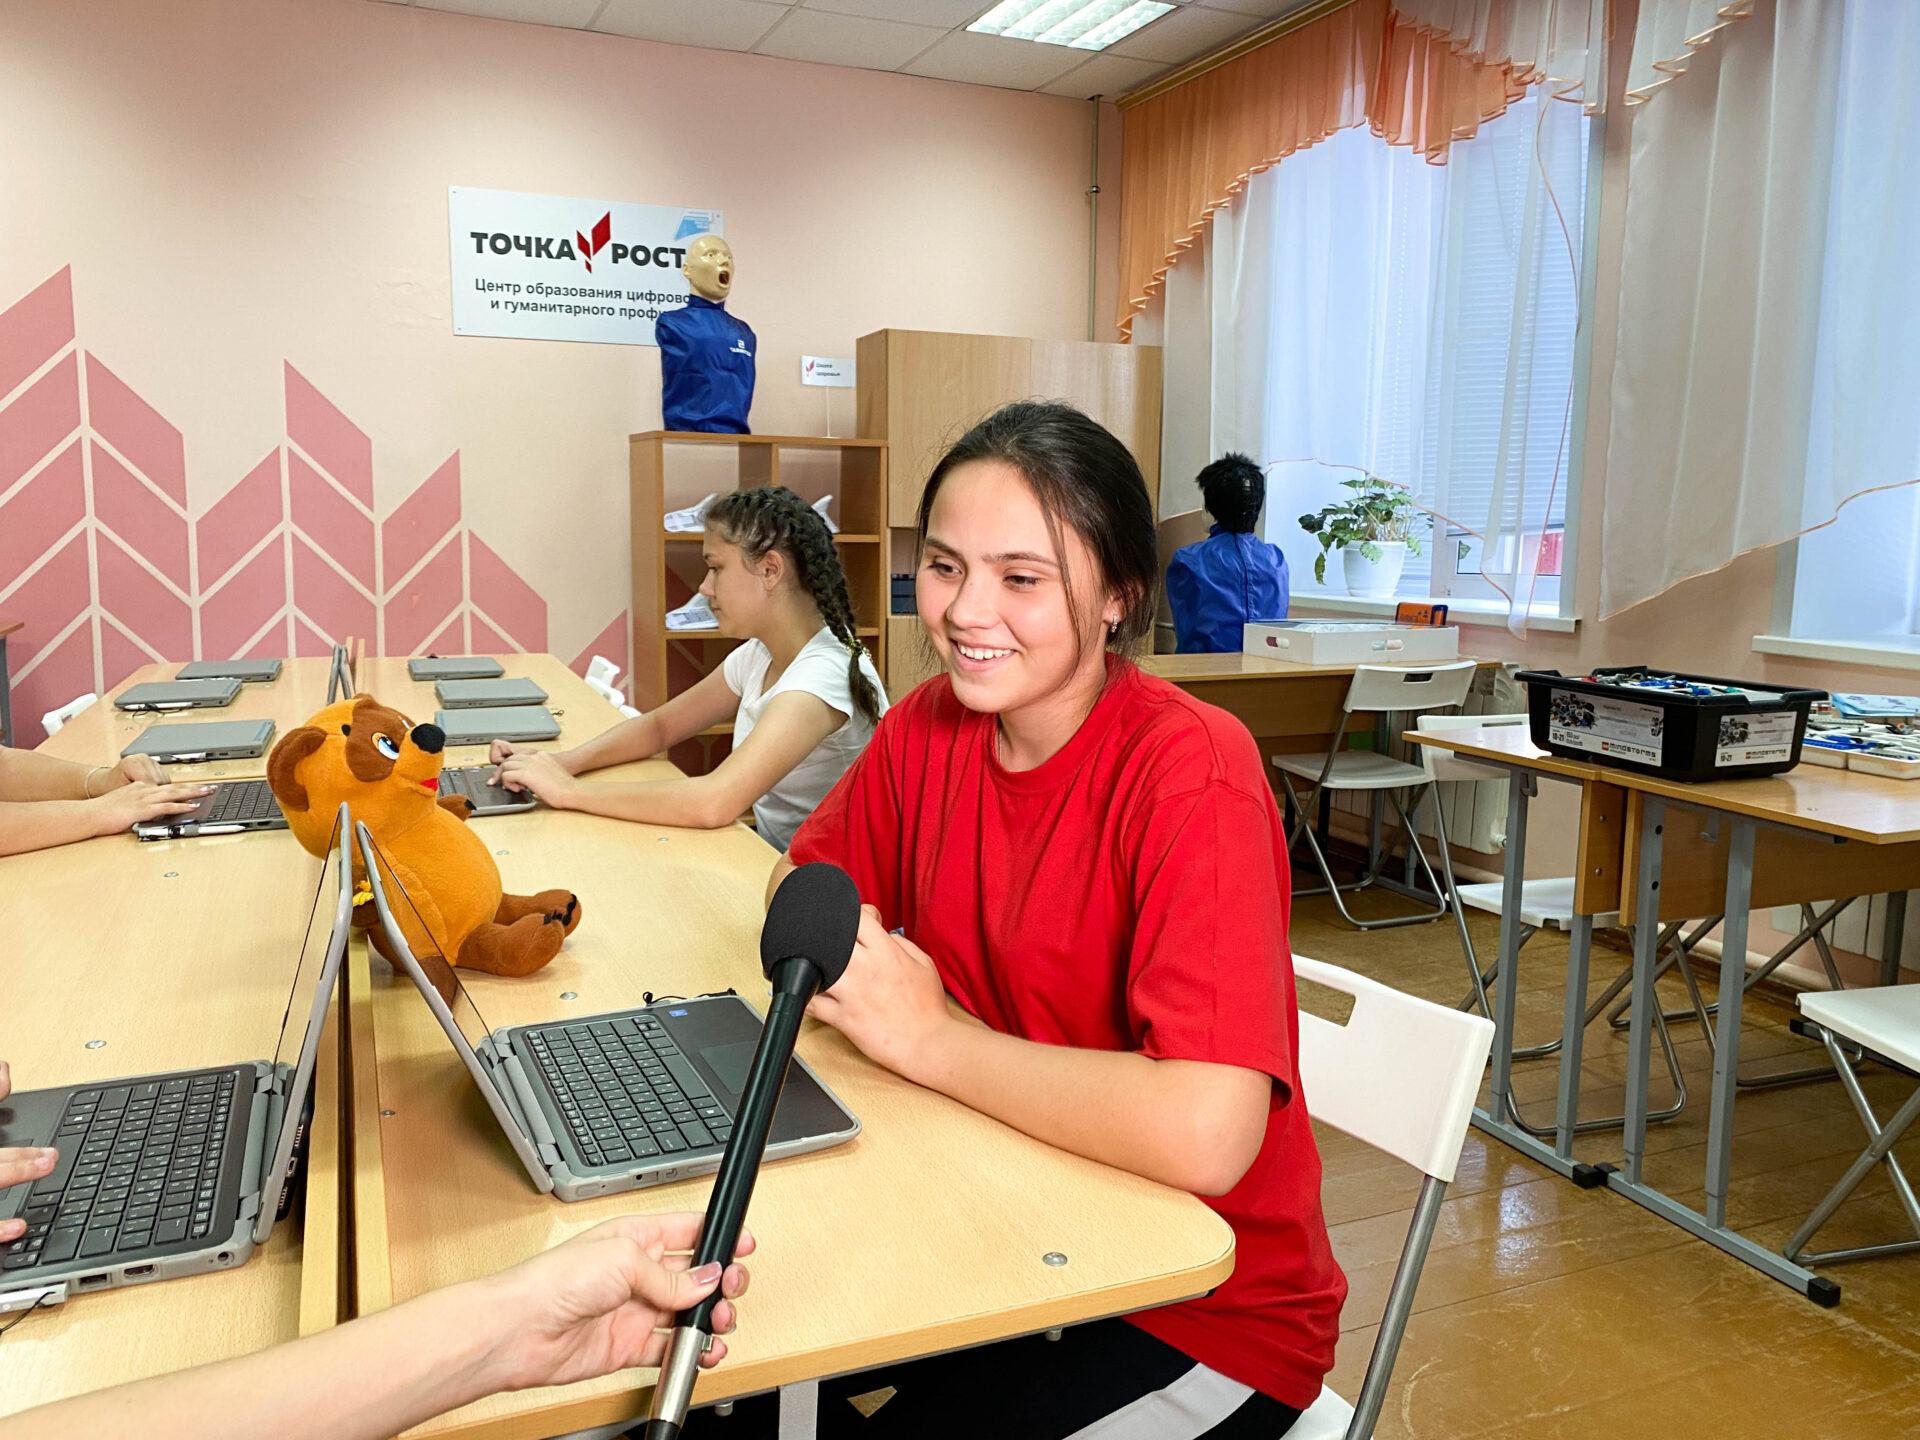 Образовательная экспедиция СОТ в Республику Мордовию: центр цифрового и гуманитарного профилей «Рочка роста» data-id=